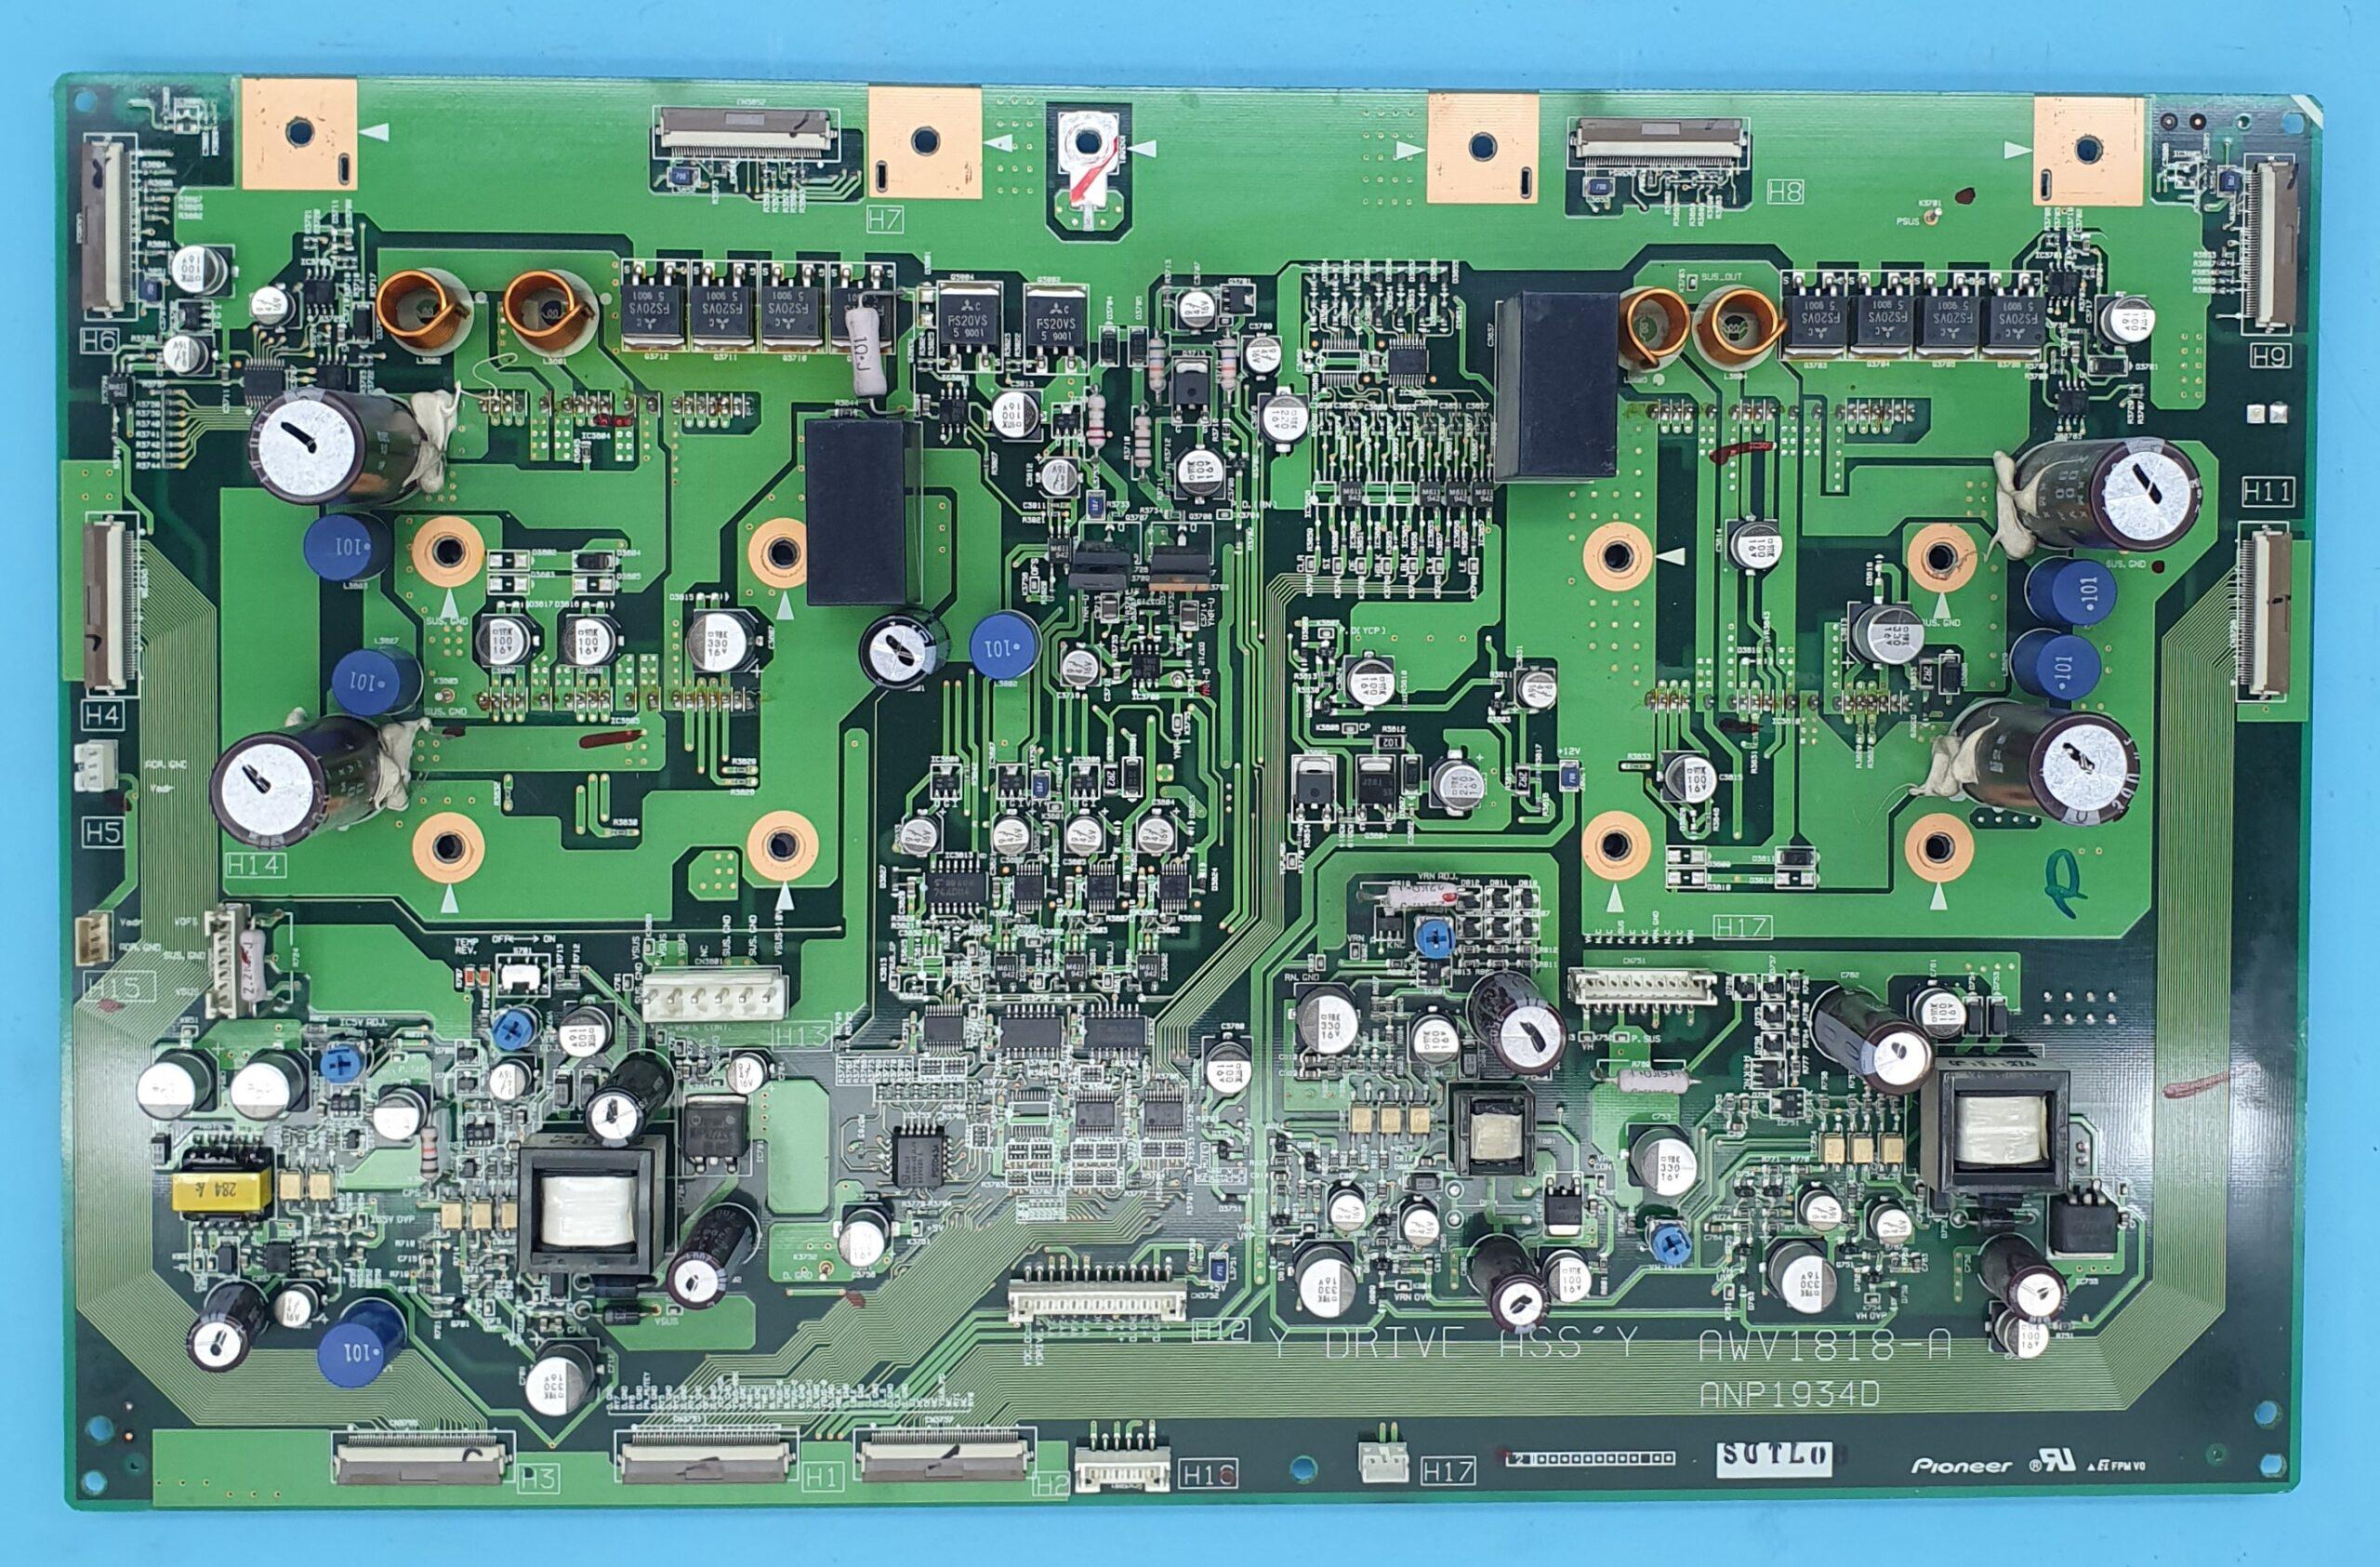 AWV1818-A Pioneer Y-SUS (KDV DAHİL = 150 TL)